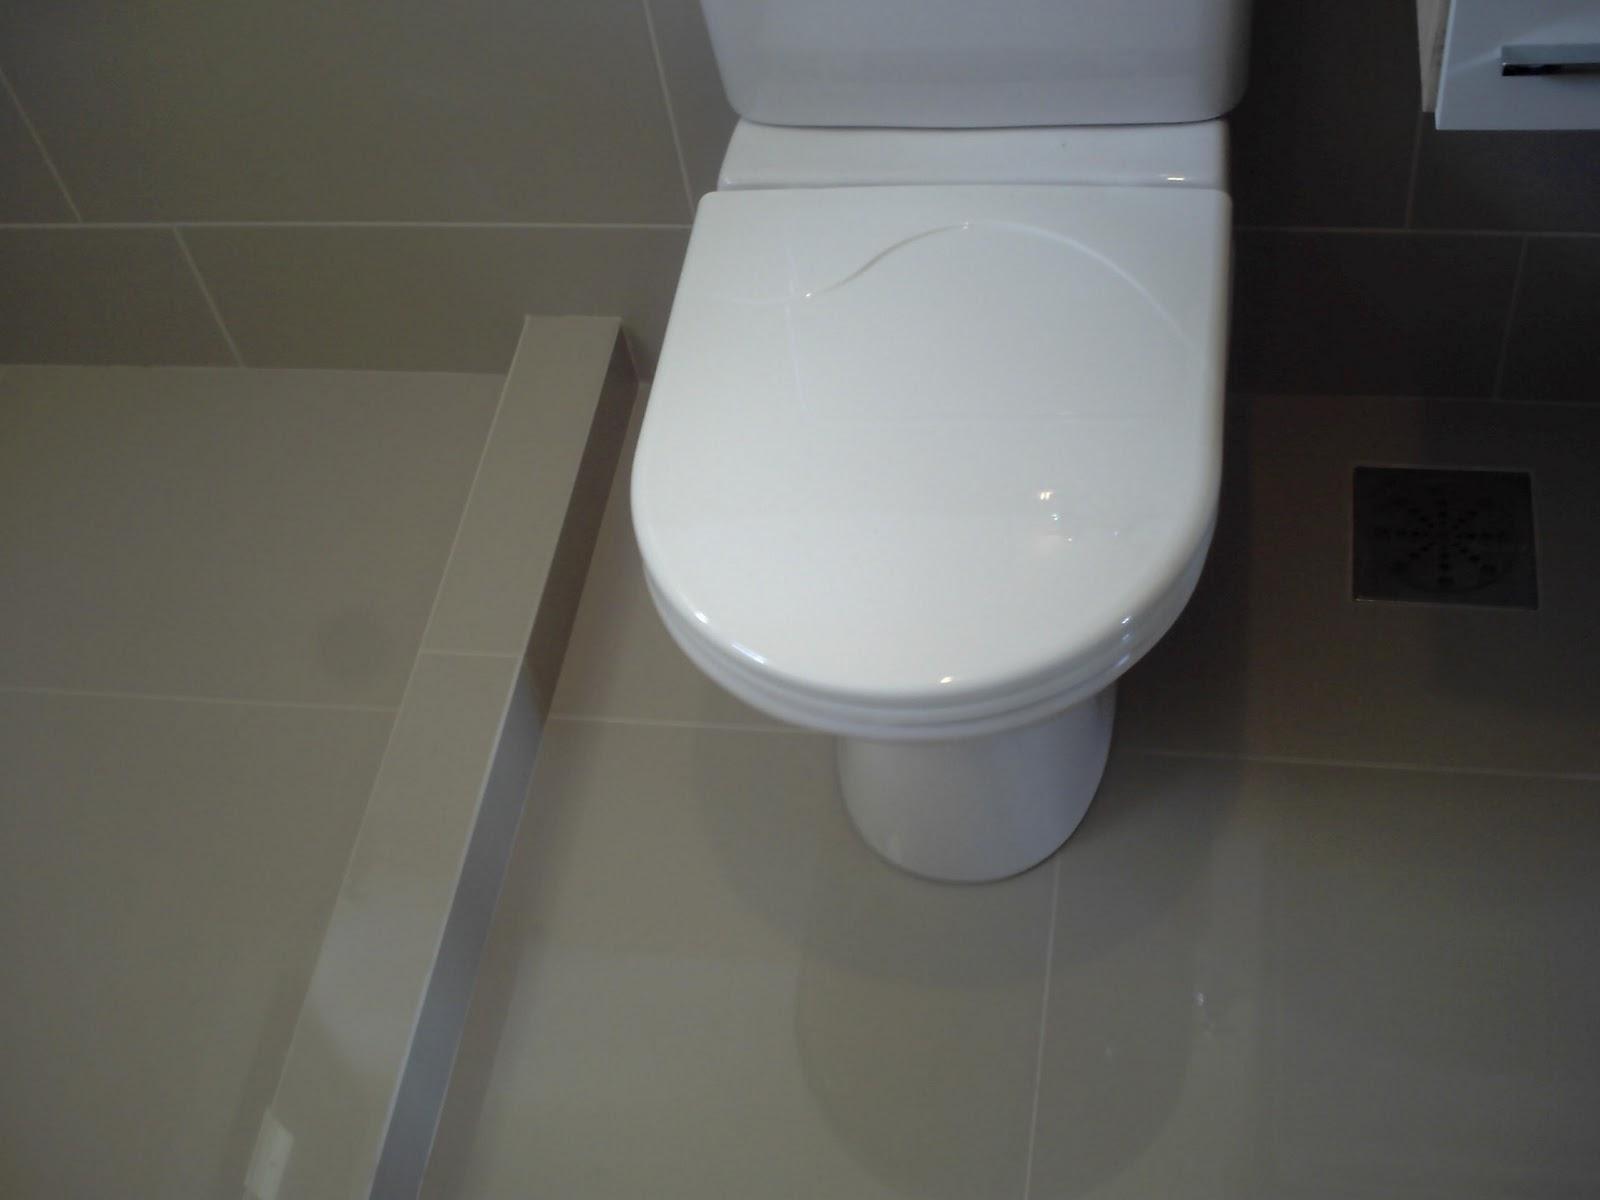 Banheiro da casa de um cliente onde colocamos porcelanato no piso  #525963 1600x1200 Banheiro Com Porcelanato No Piso